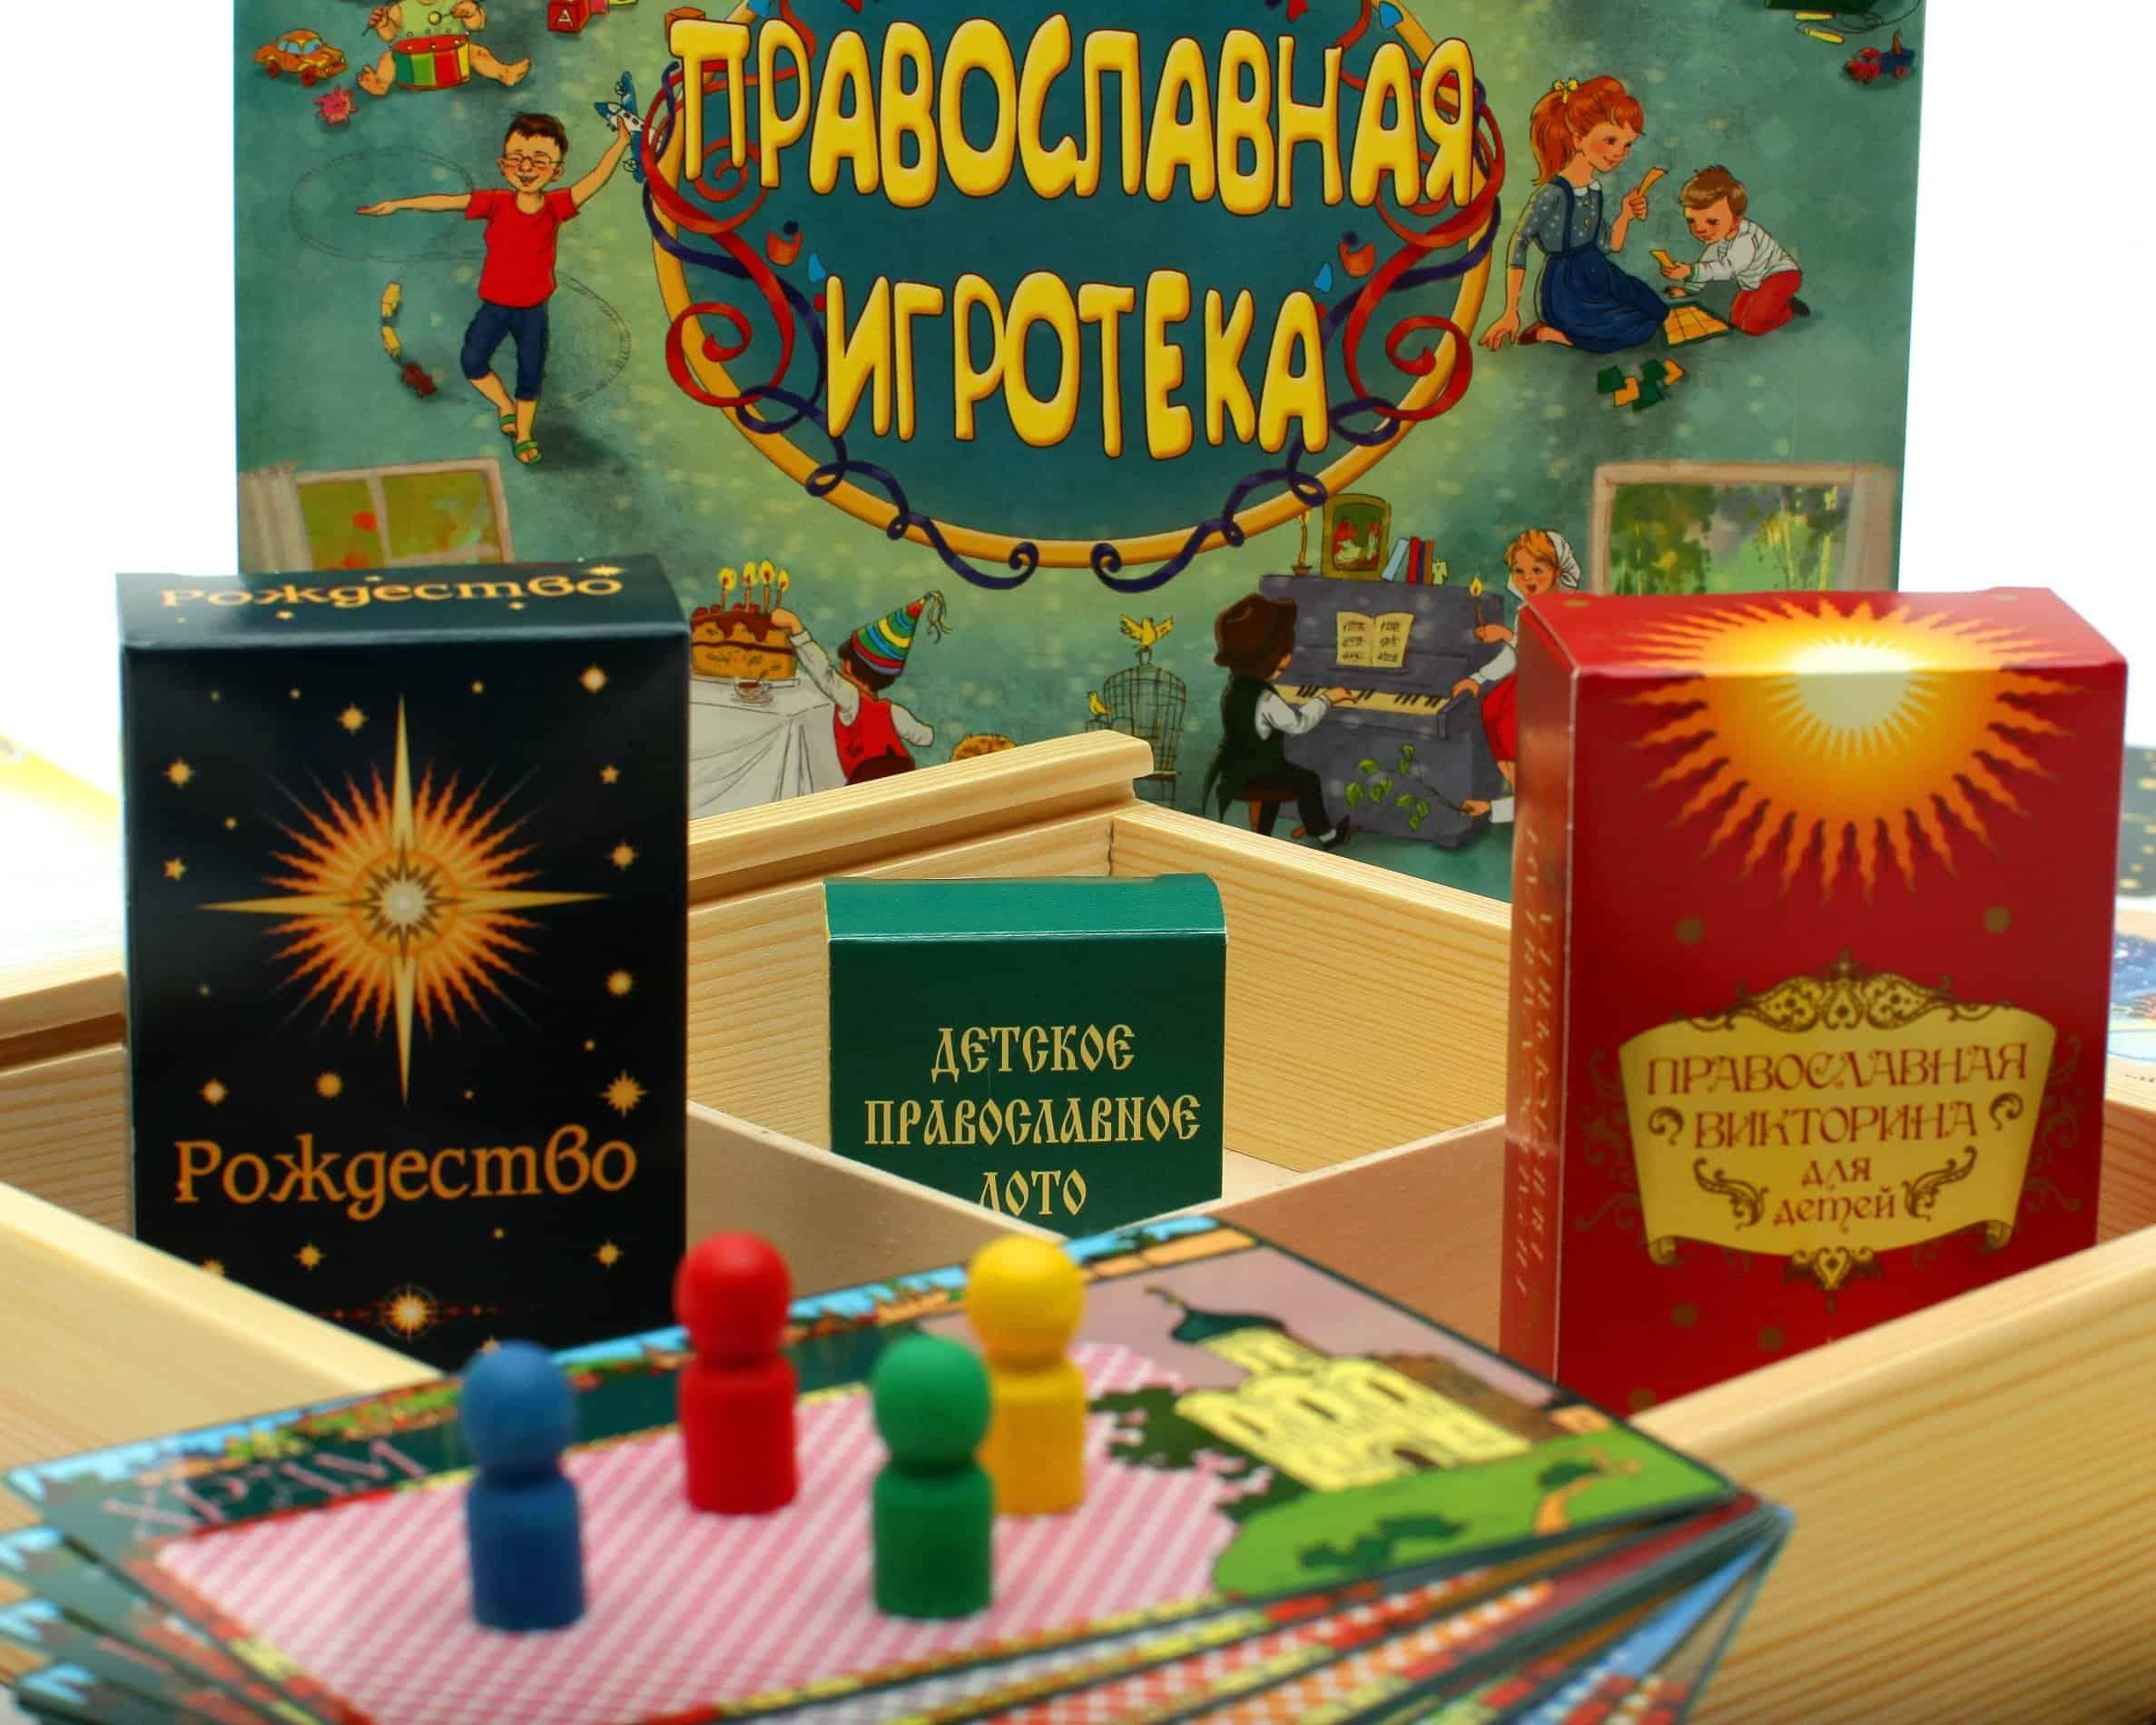 В Книжной Лавке «Фома» скидка 10% на все настольные игры!